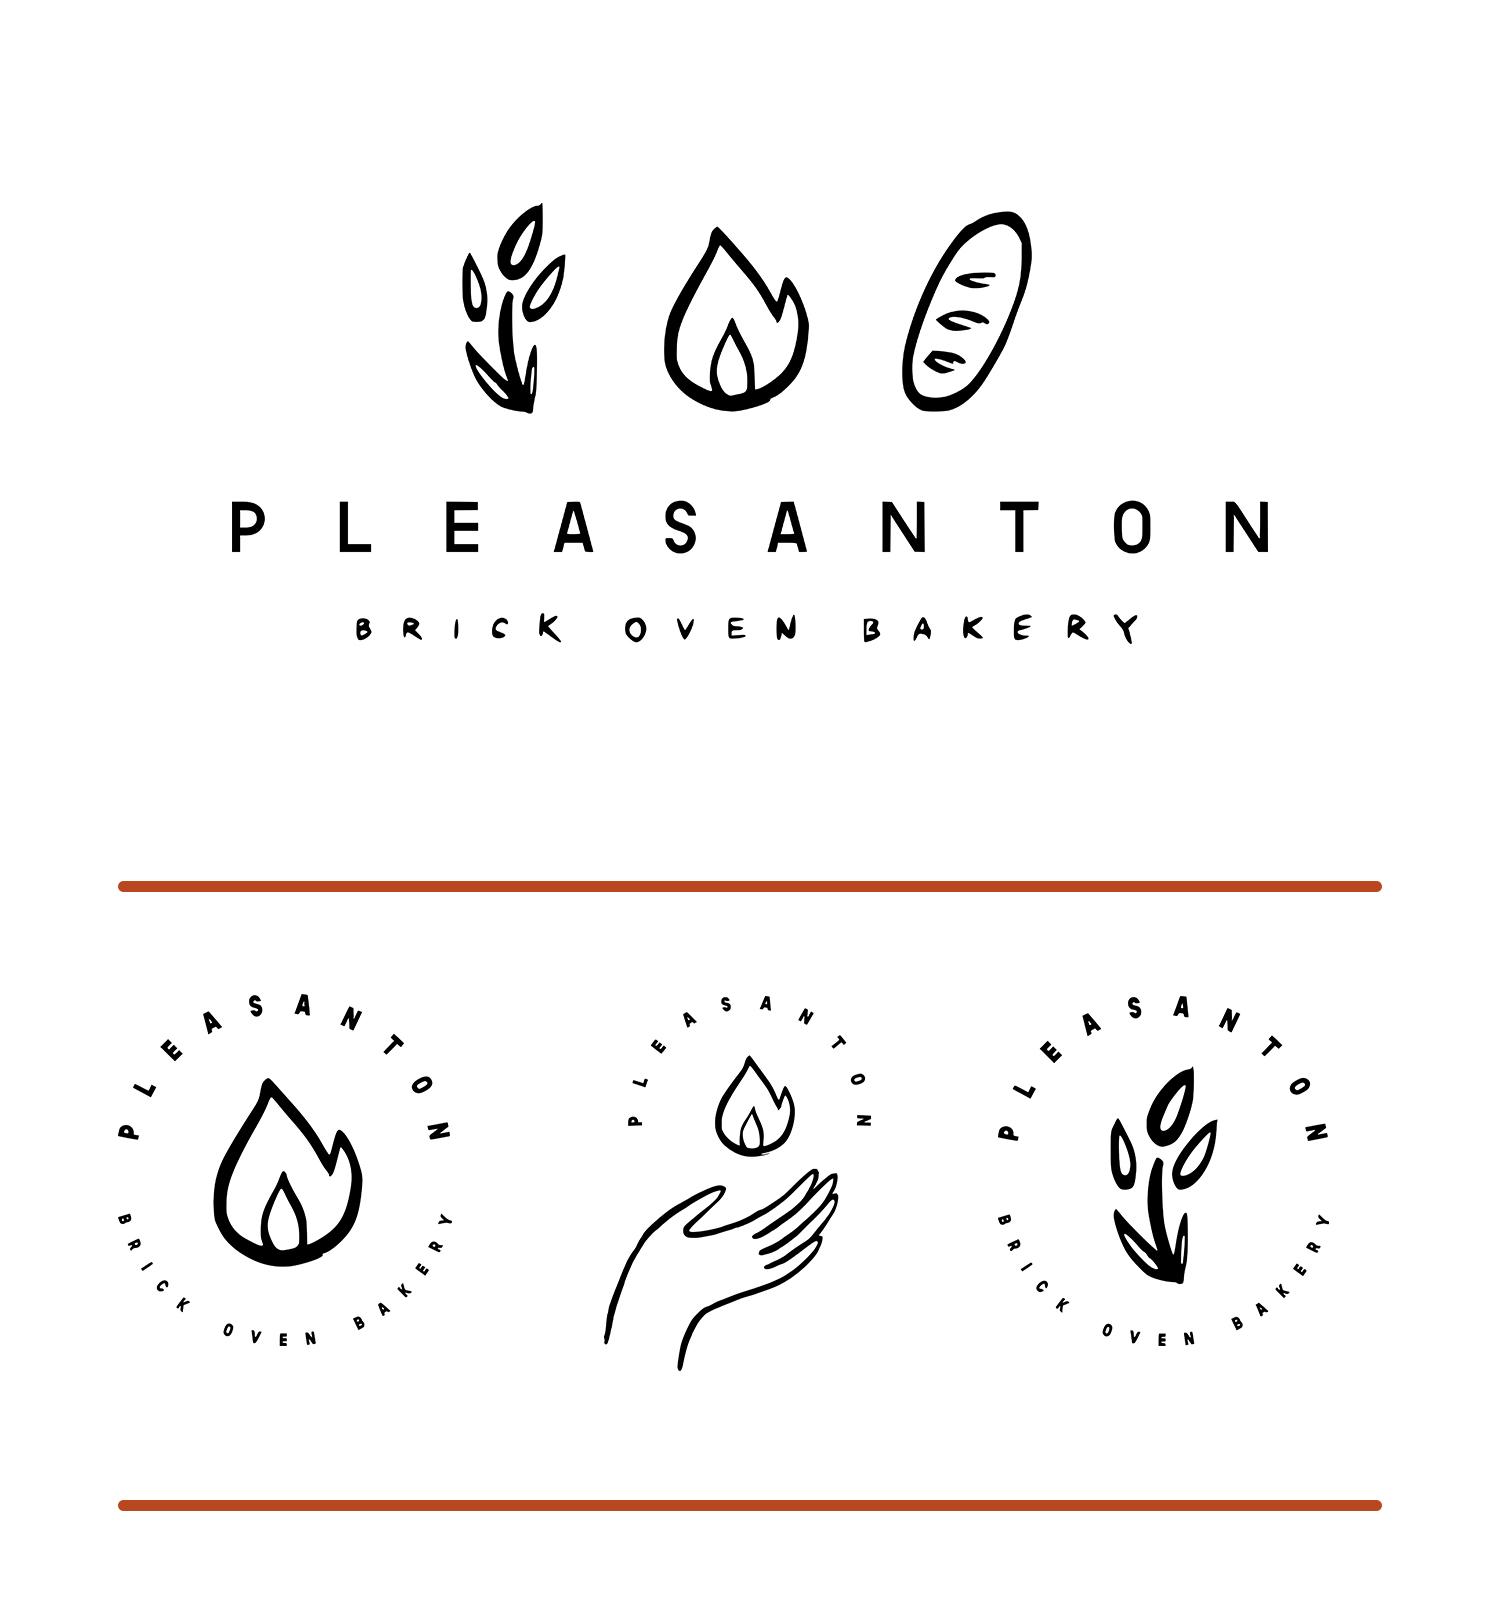 custom illustrated bakery logo by em randall